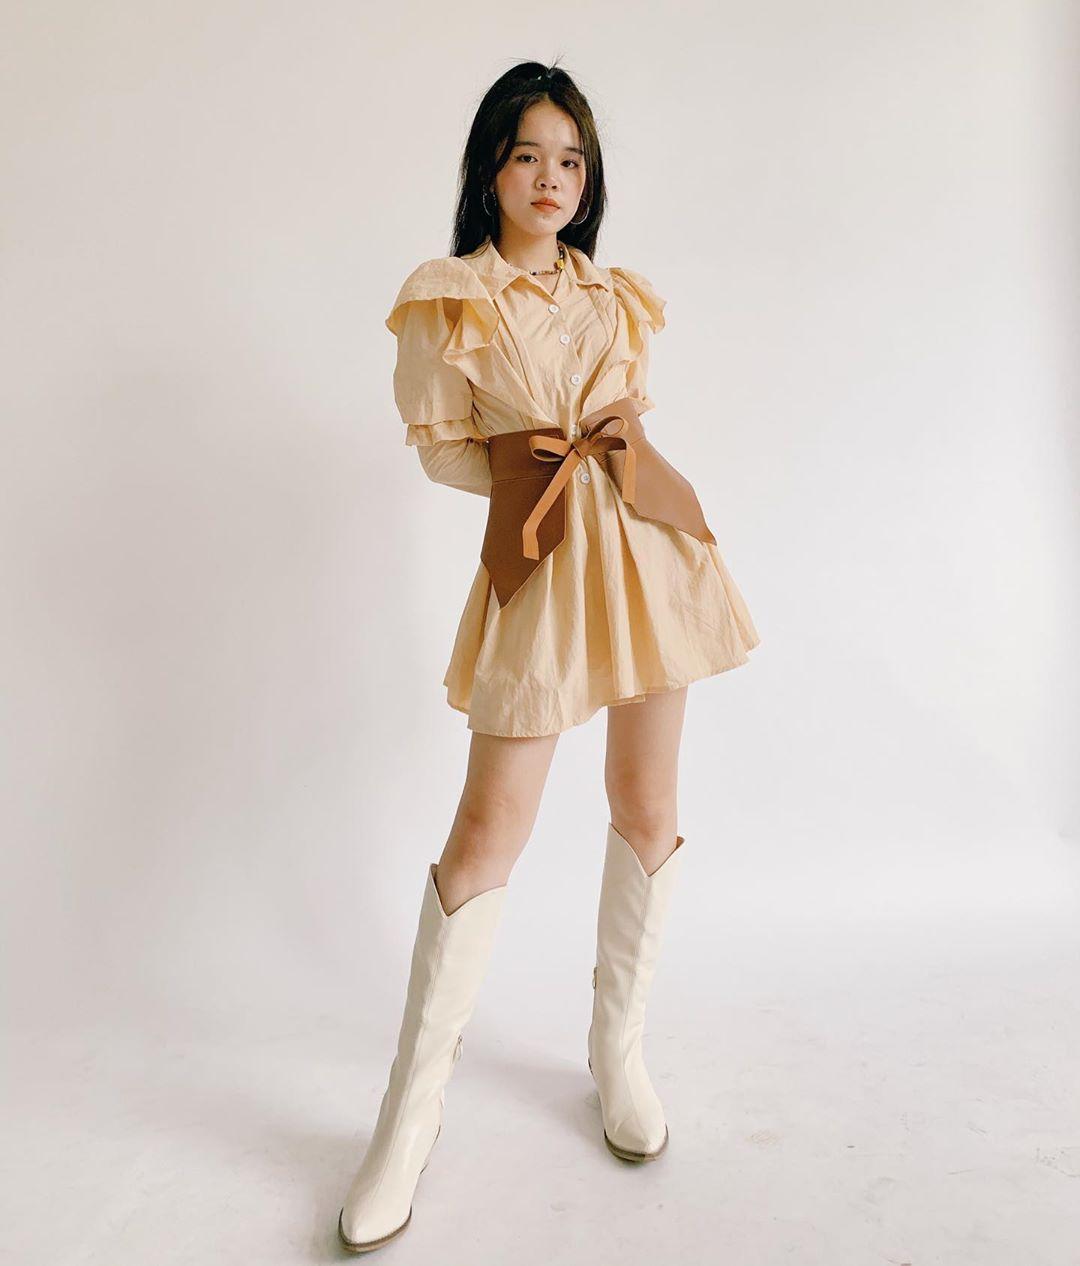 Các shop thời trang Việt đua nhau bán set đồ đình đám và được nhiều khách hàng hỏi mua.